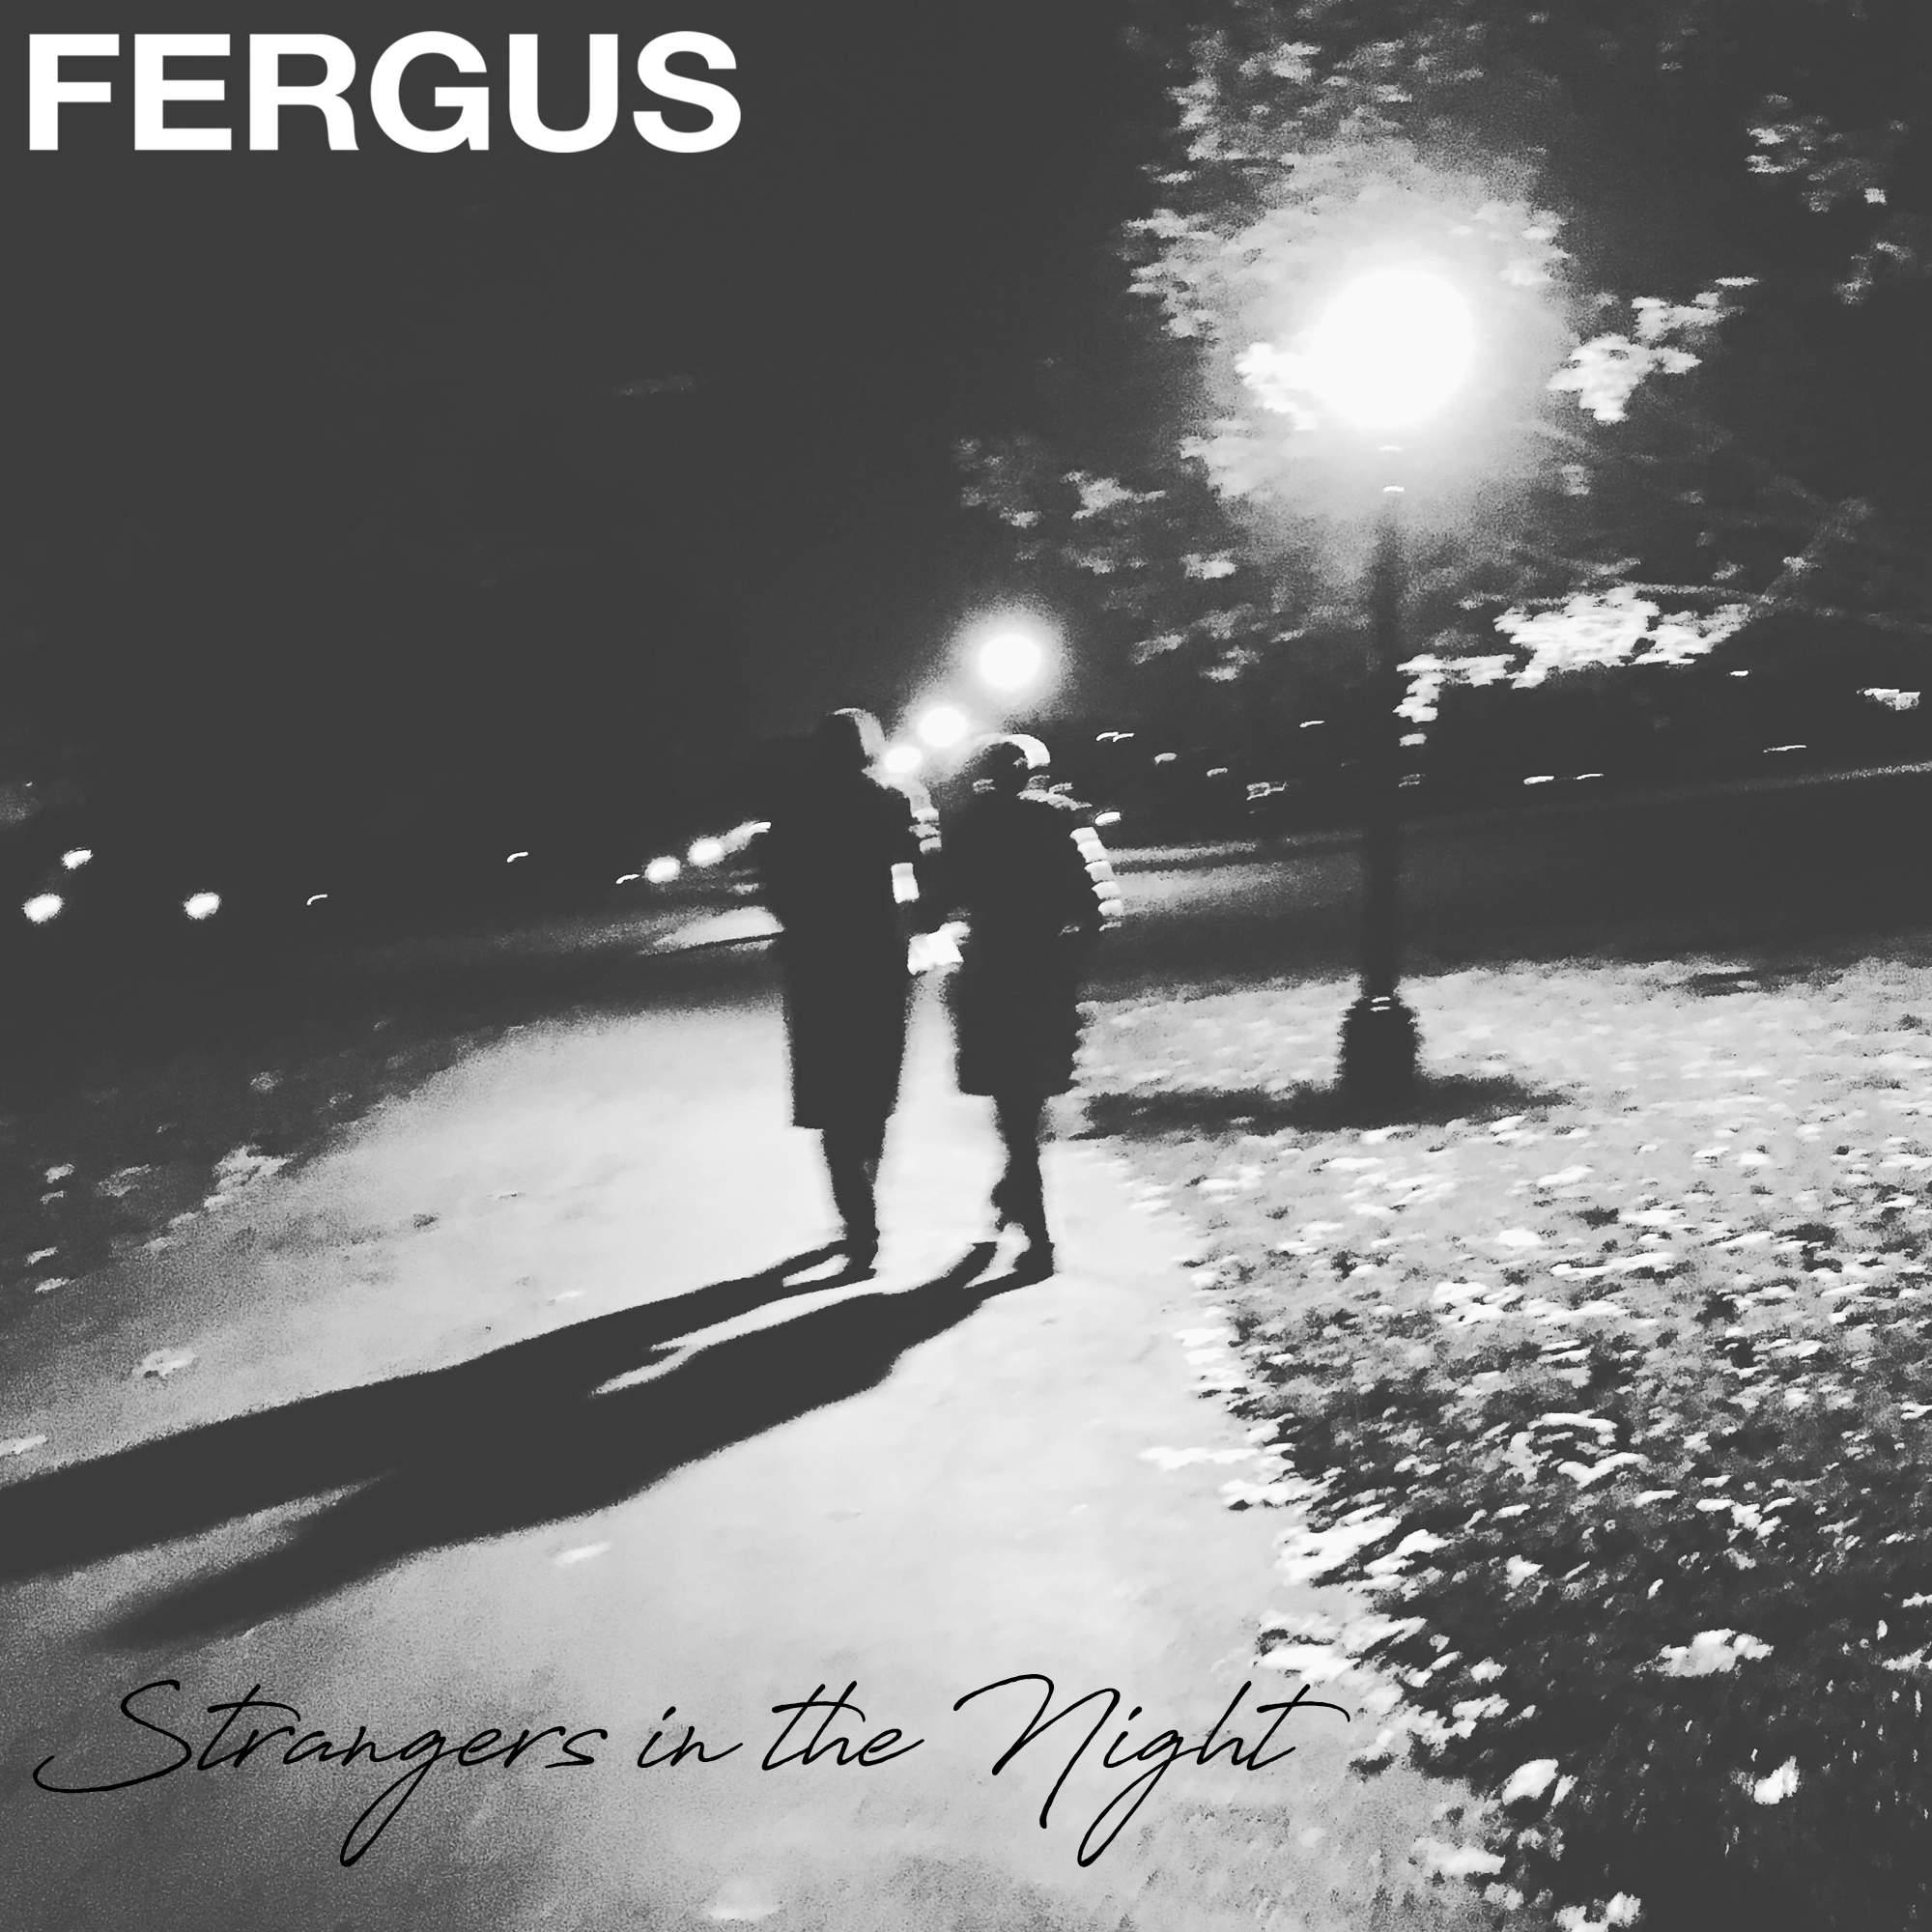 fergus-strangers-in-the-night